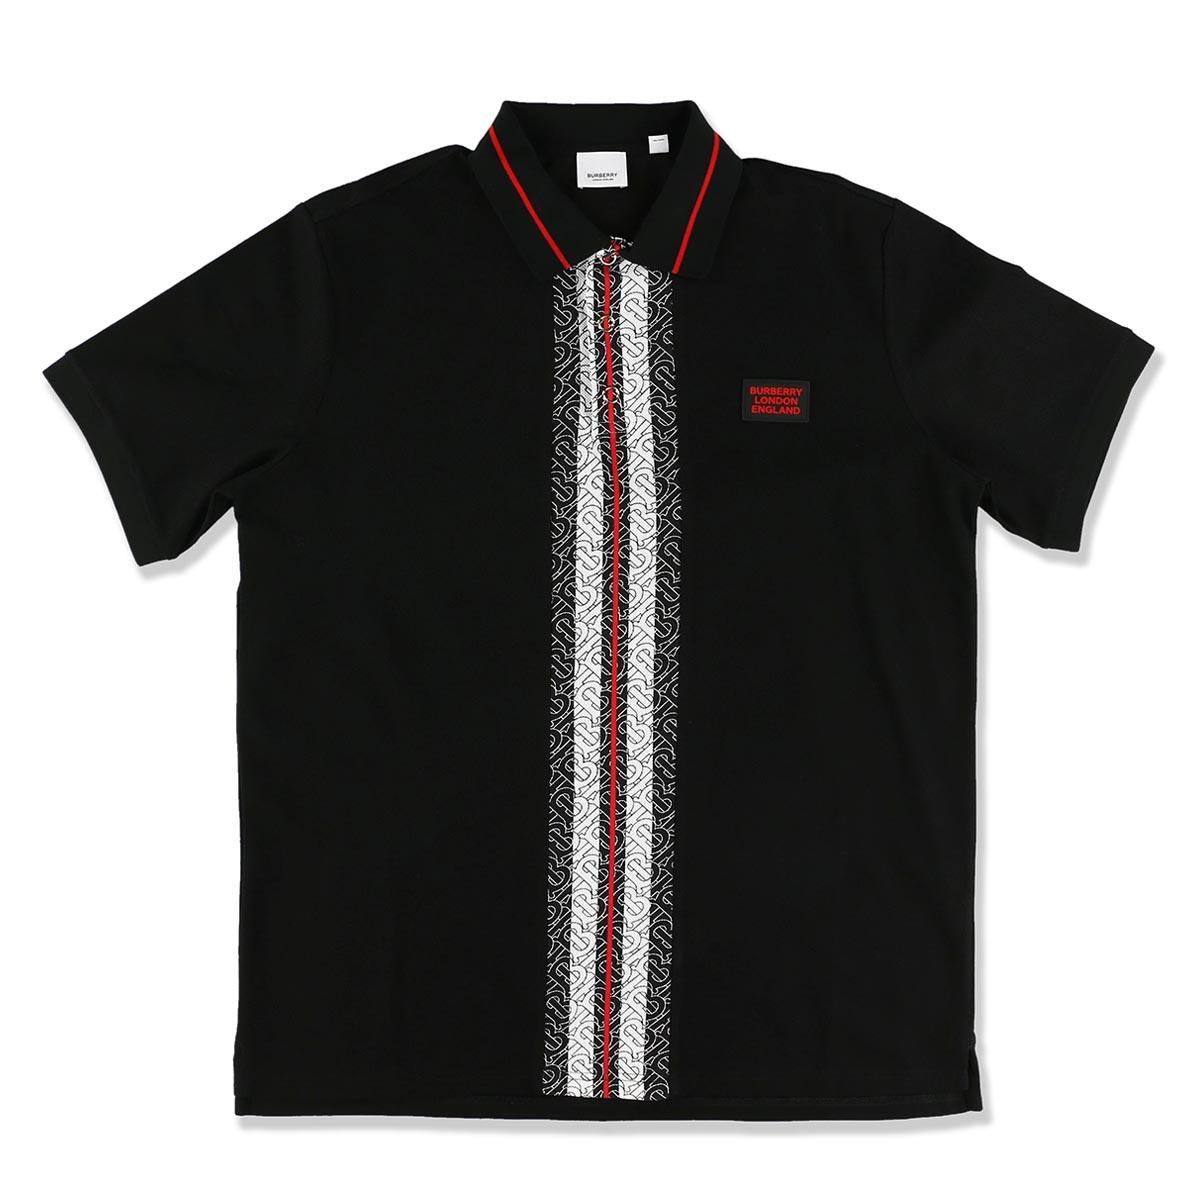 バーバリー BURBERRY ポロシャツ ブラック メンズ 8027016 black JEYFORD【あす楽対応_関東】【返品送料無料】【ラッピング無料】